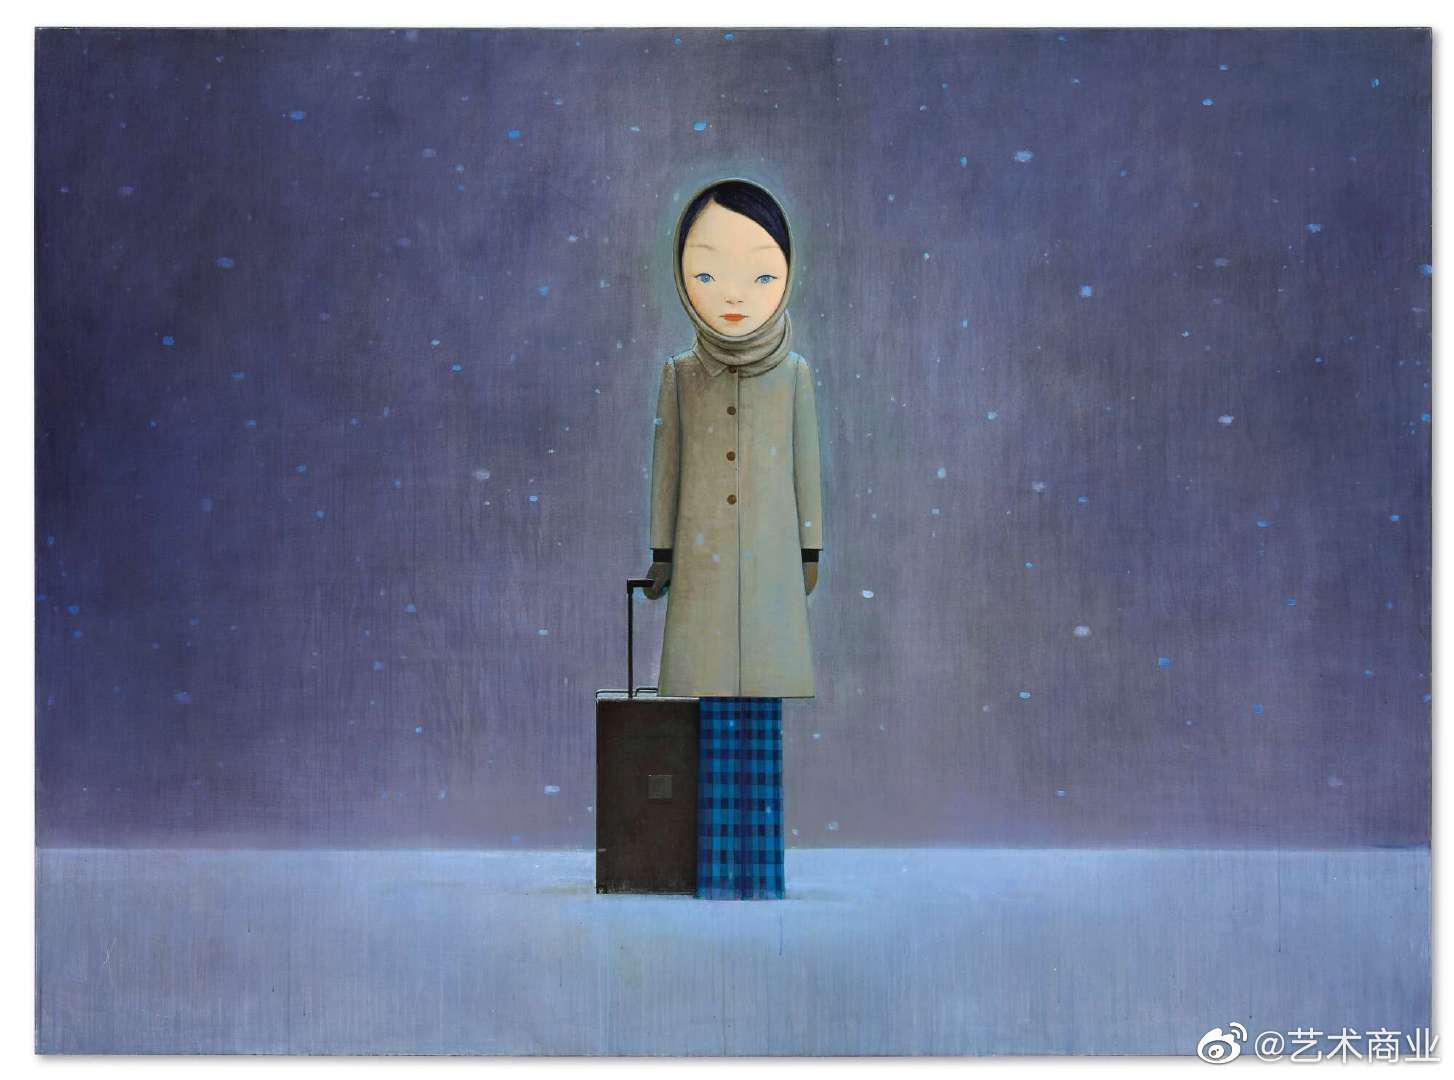 刘野《让我留在黑暗里》,亚克力 画布,219.7×299.7cm……